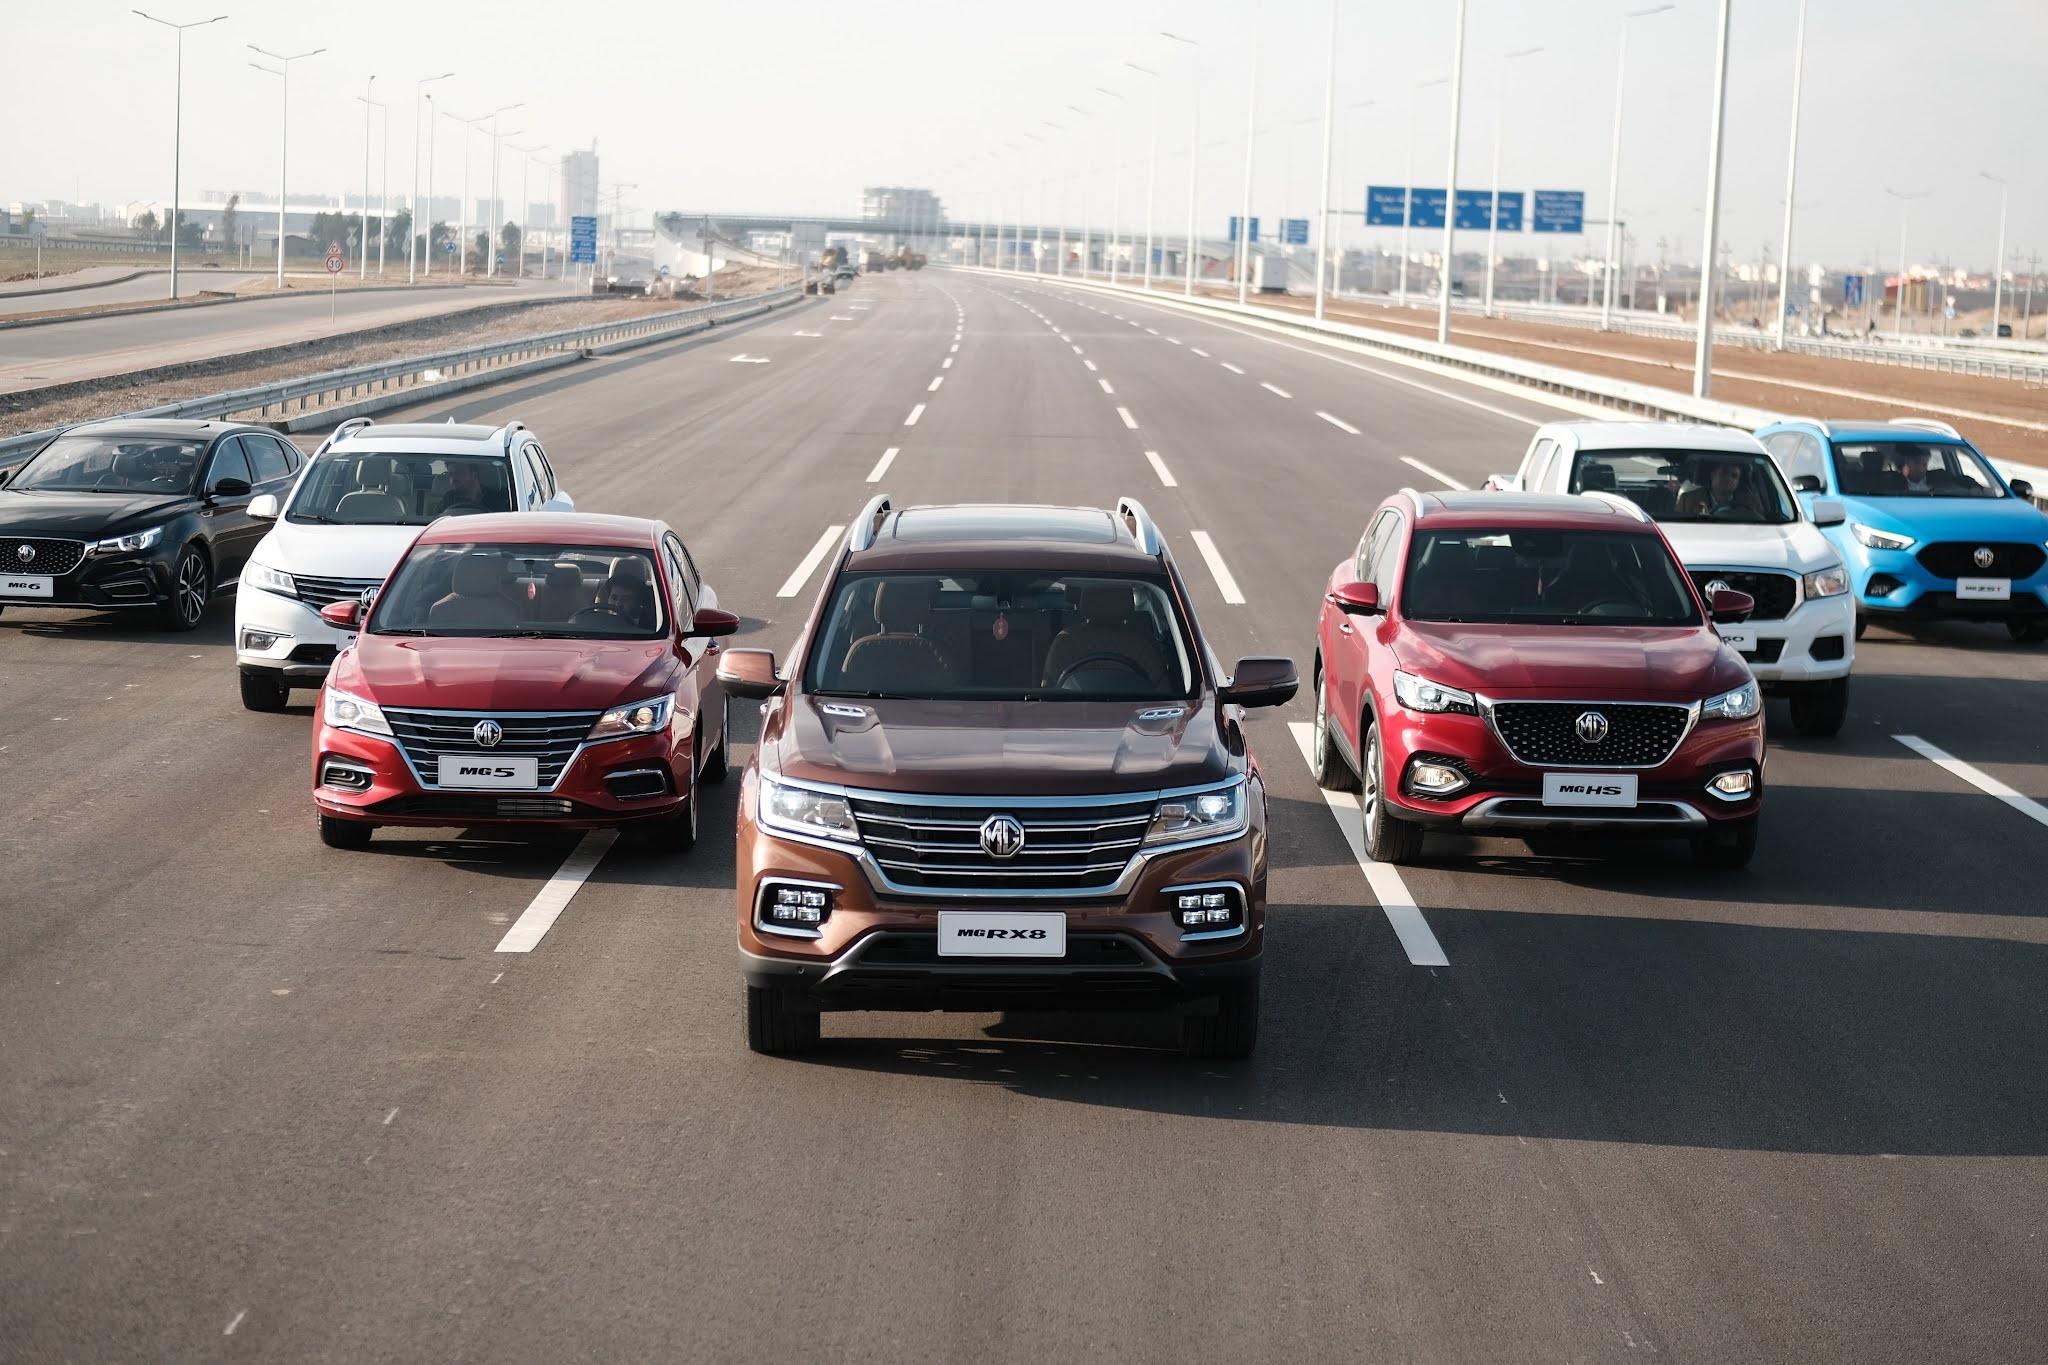 'إم جي موتور' تستمر في كسب ثقة العملاء في الخليج وتحقق أداءً استثنائياً